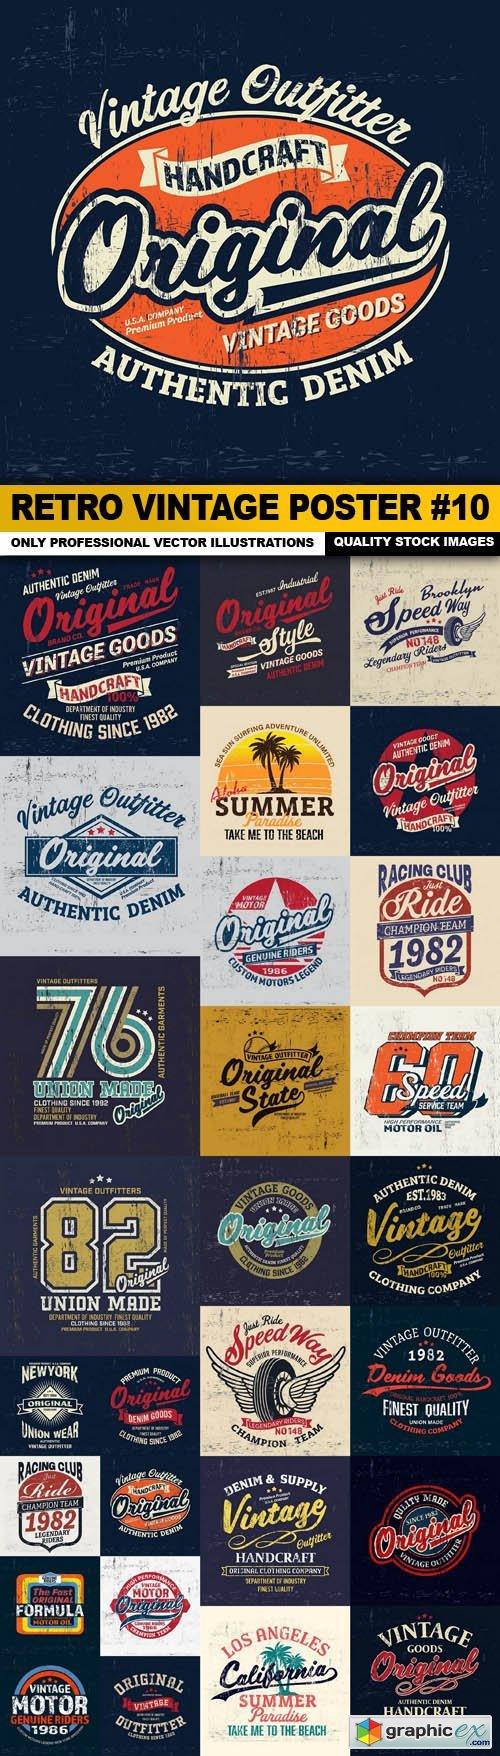 Retro Vintage Poster #10 - 28 Vector